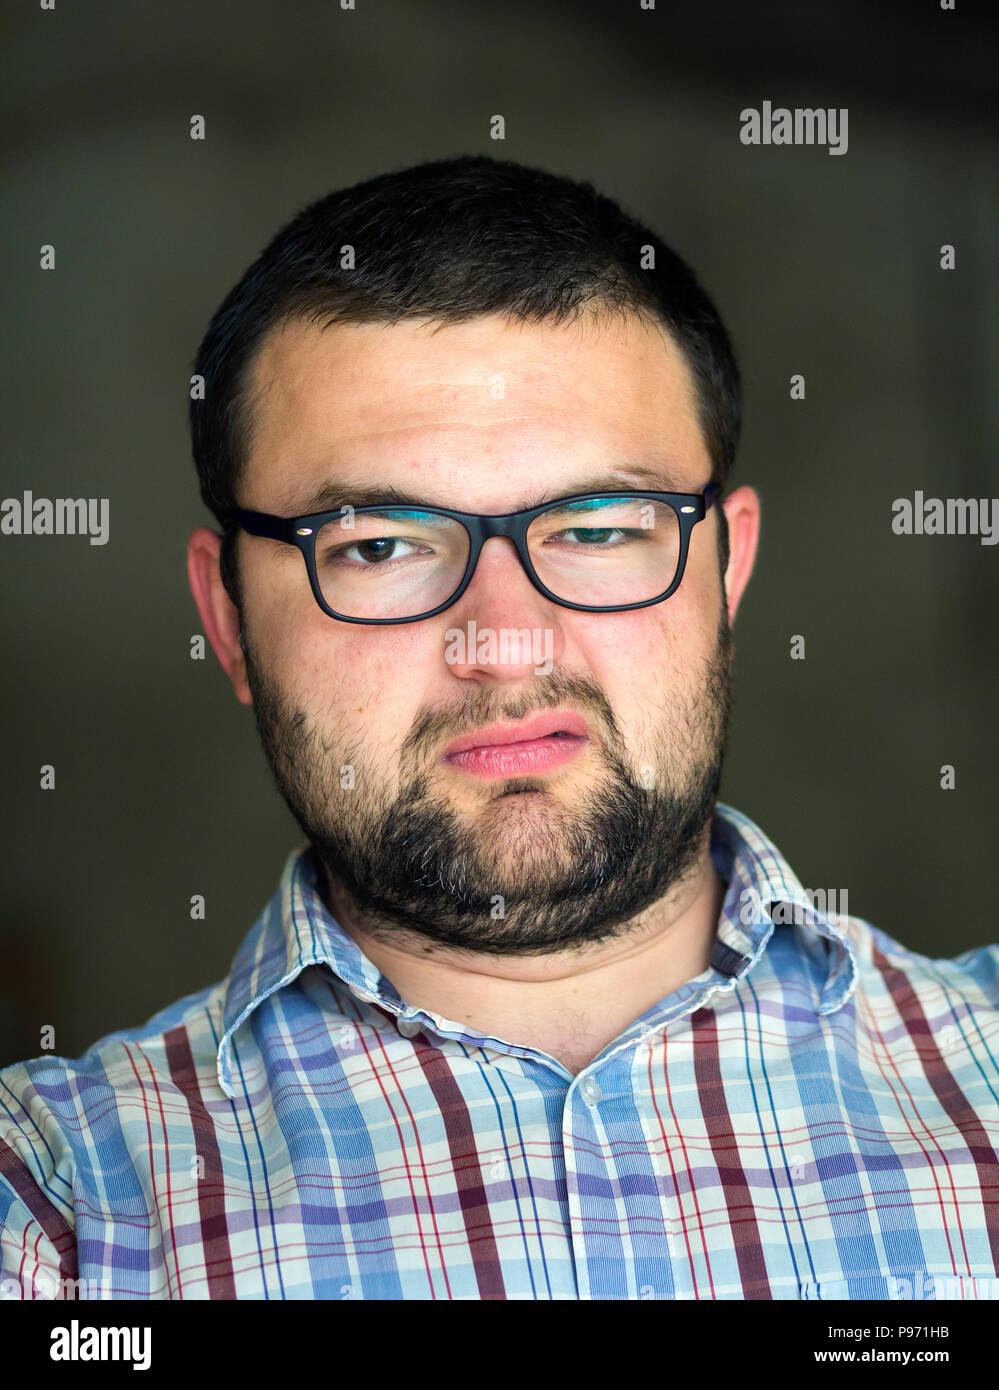 Ritratto di bello barbuto dai capelli neri moderno intelligente giovane in  bicchieri con taglio di capelli corti e tipo neri occhi sorridenti nella ... b3dfc7950f08